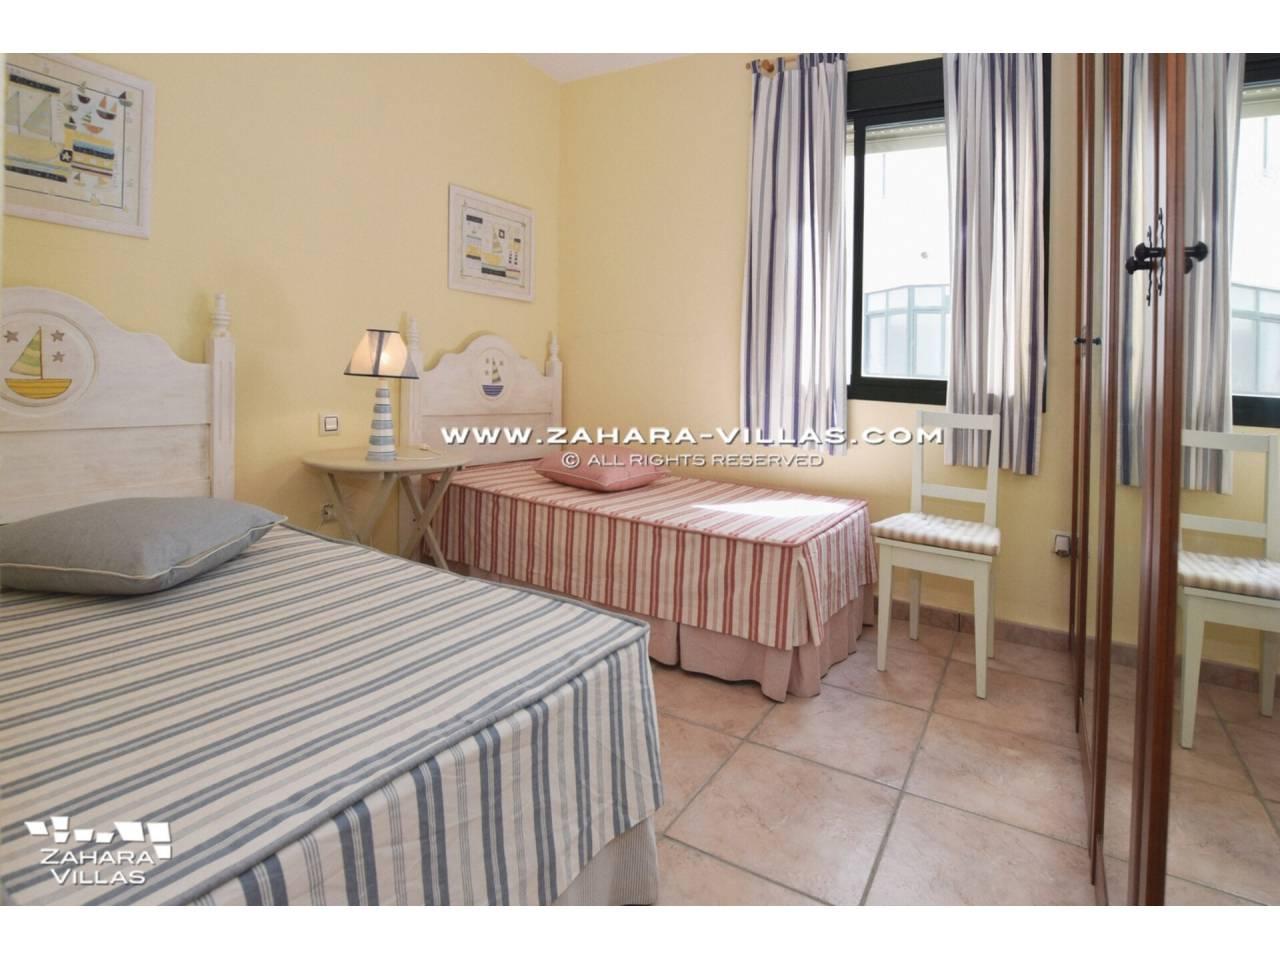 Imagen 11 de Coqueto apartamento en venta en urbanización Jardines de Zahara - Atlanterra